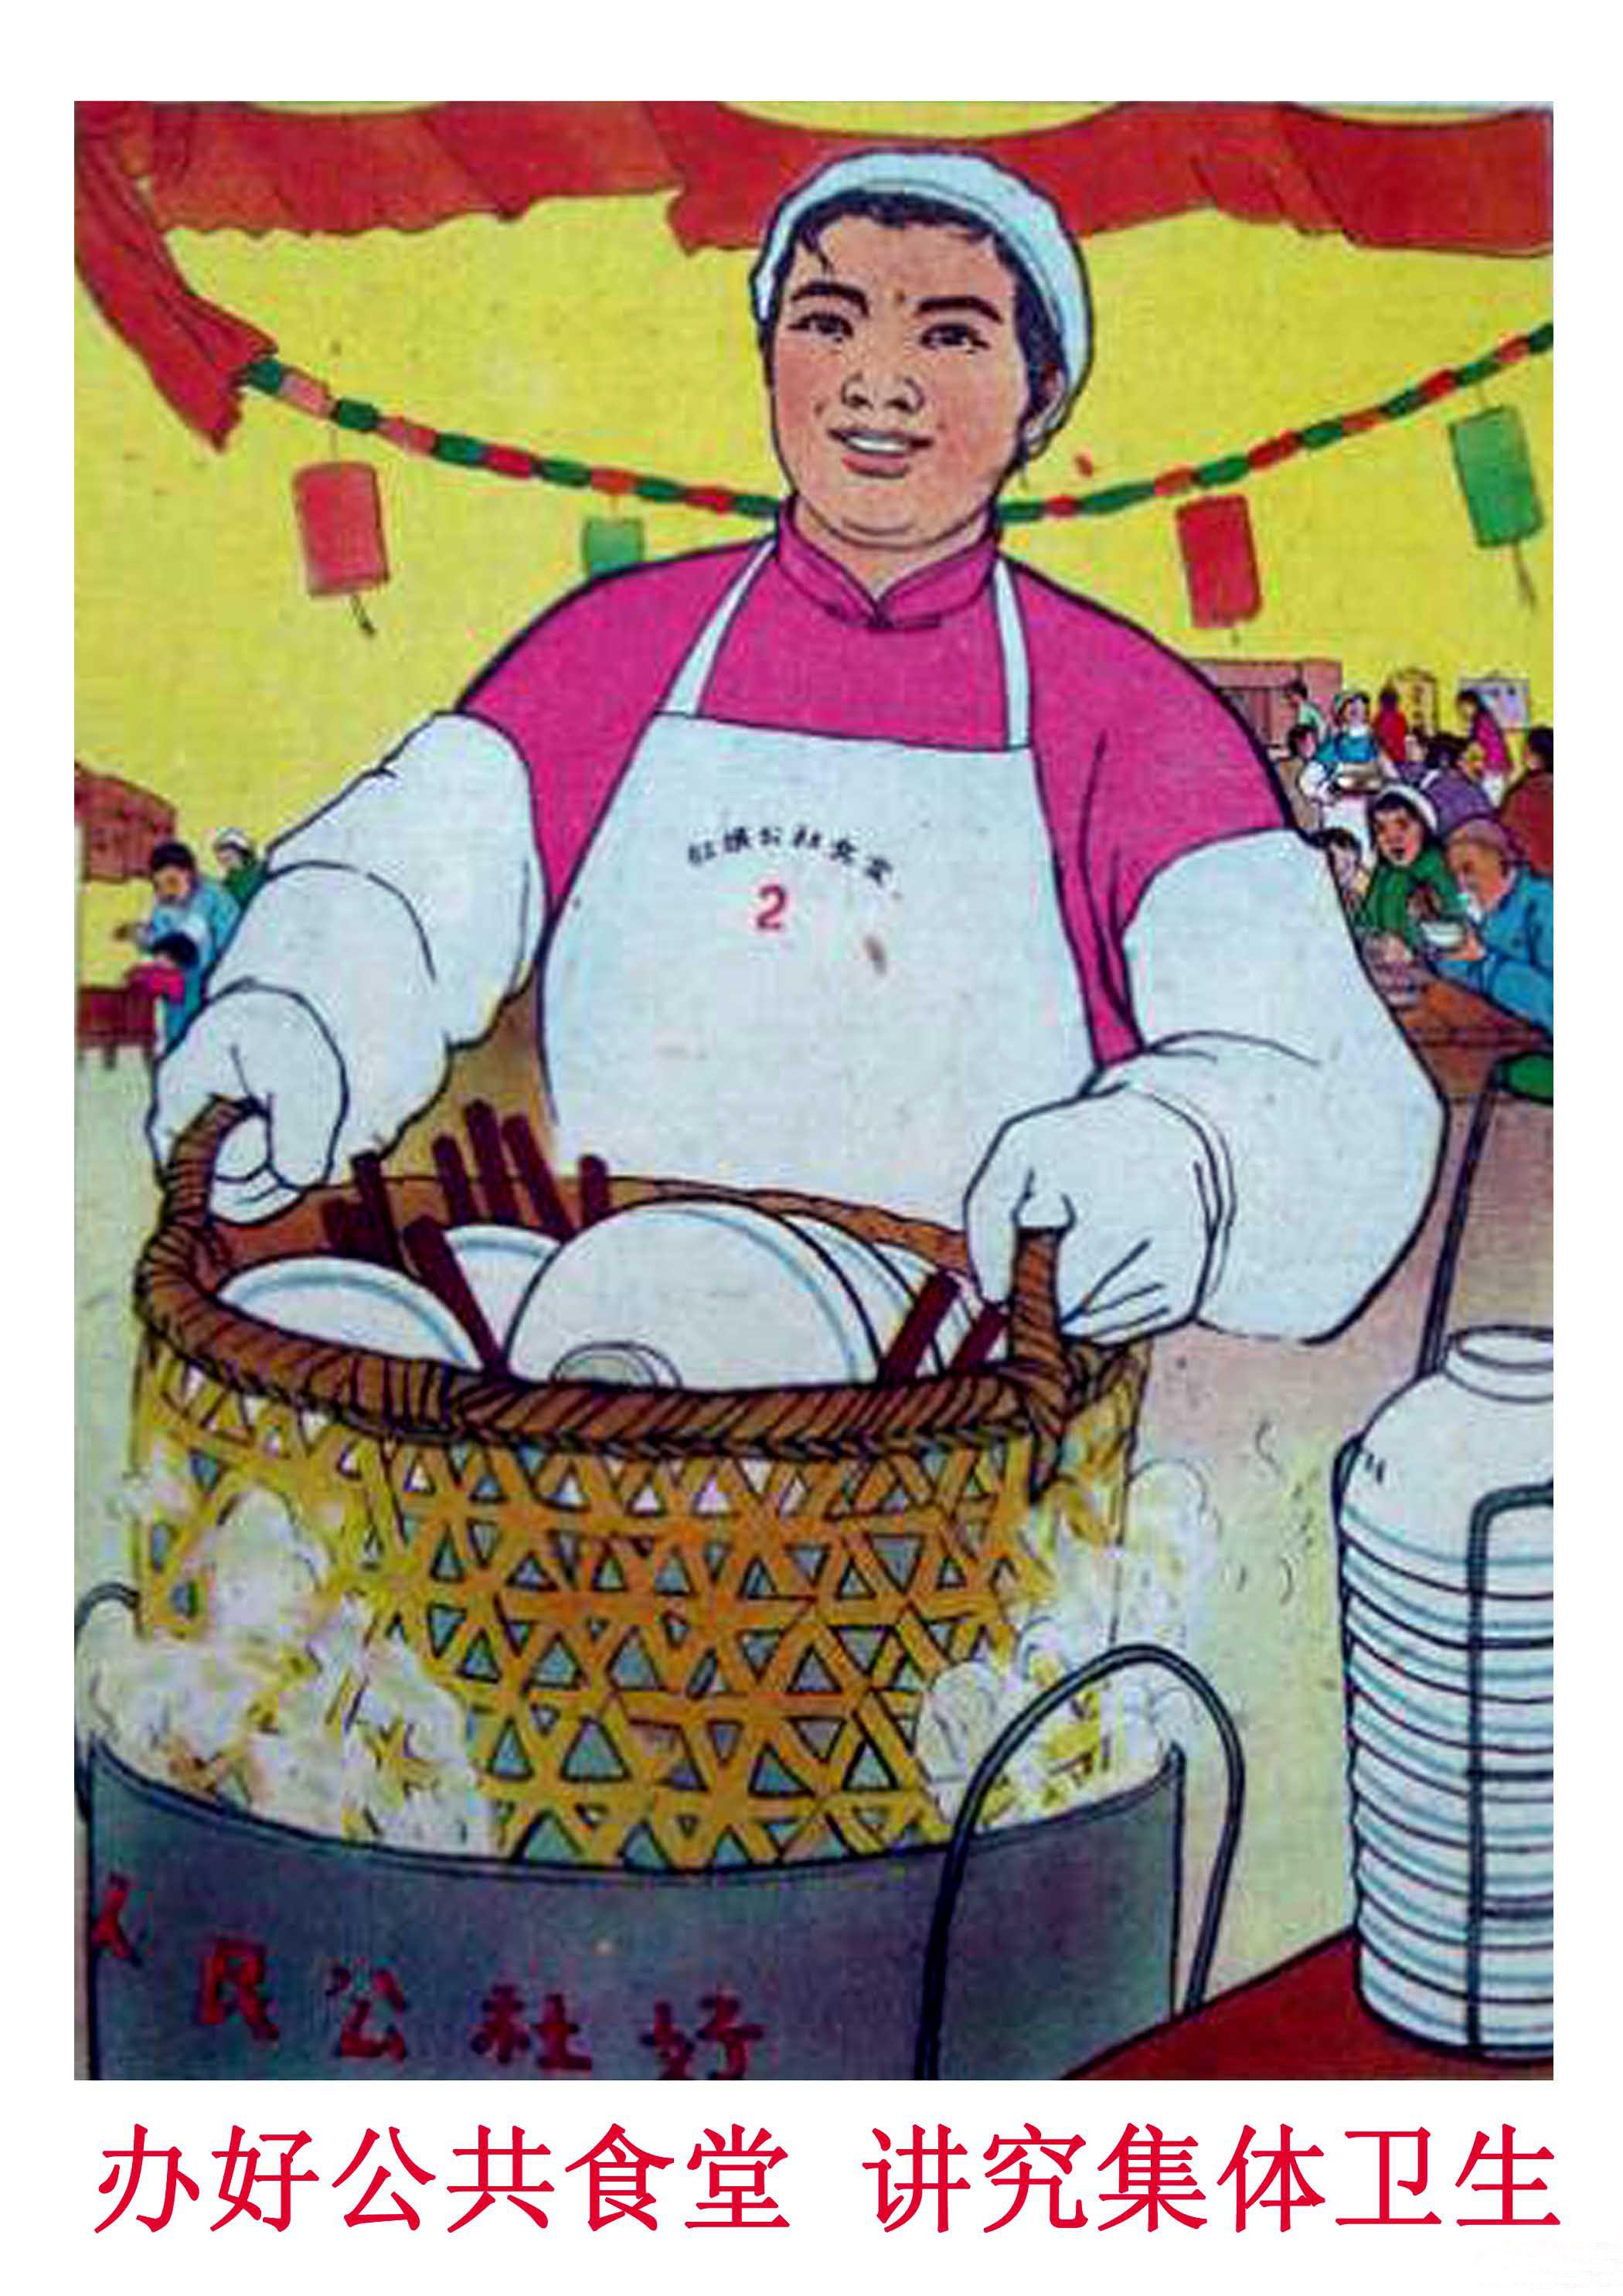 六十年代公社食堂的宣传画